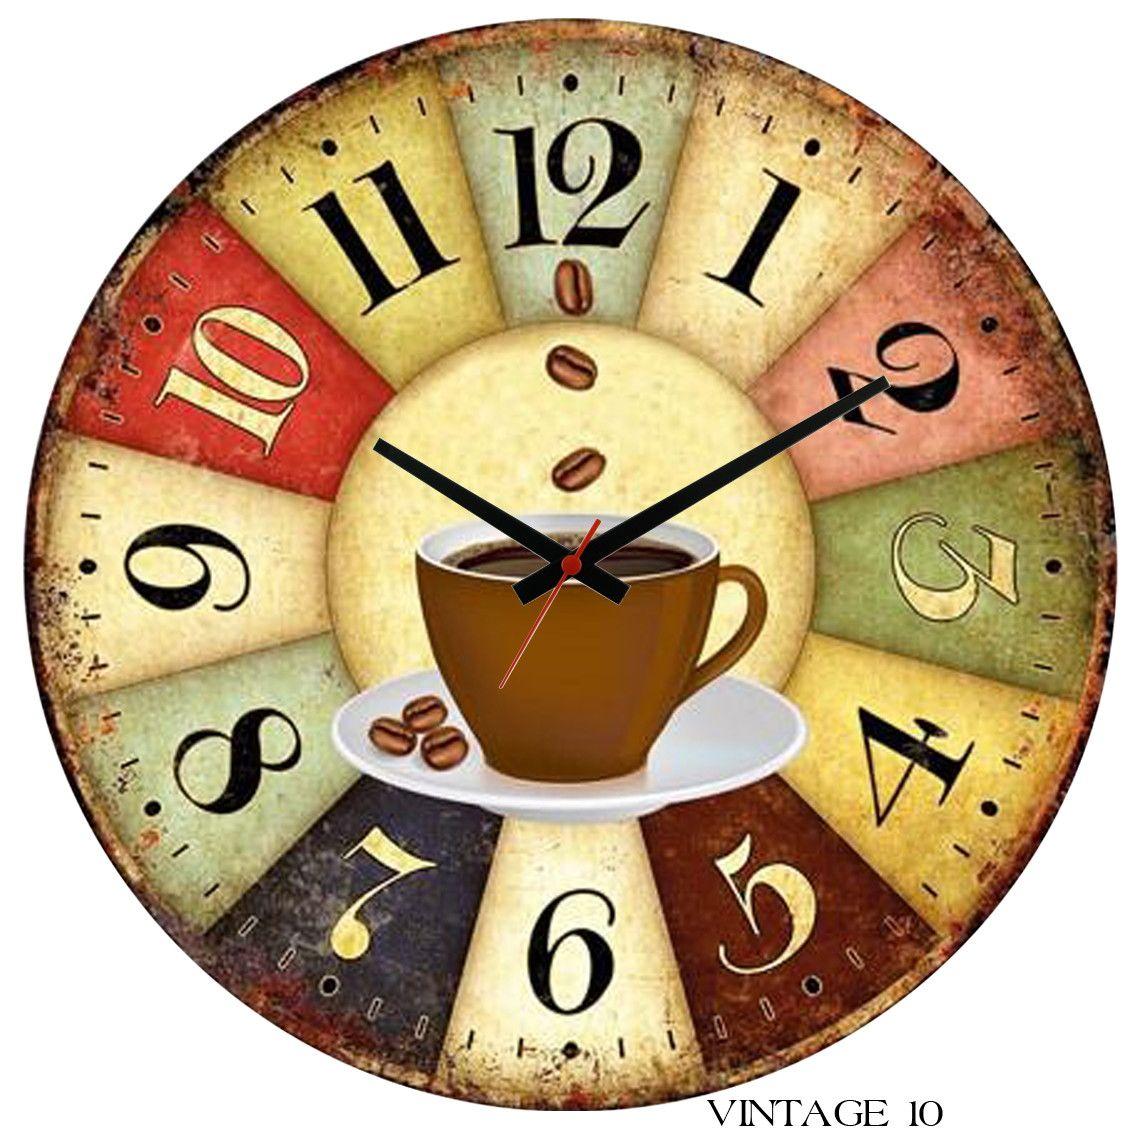 Dê Uma Cara Nova Na Sua Casa Ou Na Sua Empresa Com Um Relógio Totalmente Diferenc Relógios De Parede Vintage Relogio De Parede Personalizado Relógio De Parede